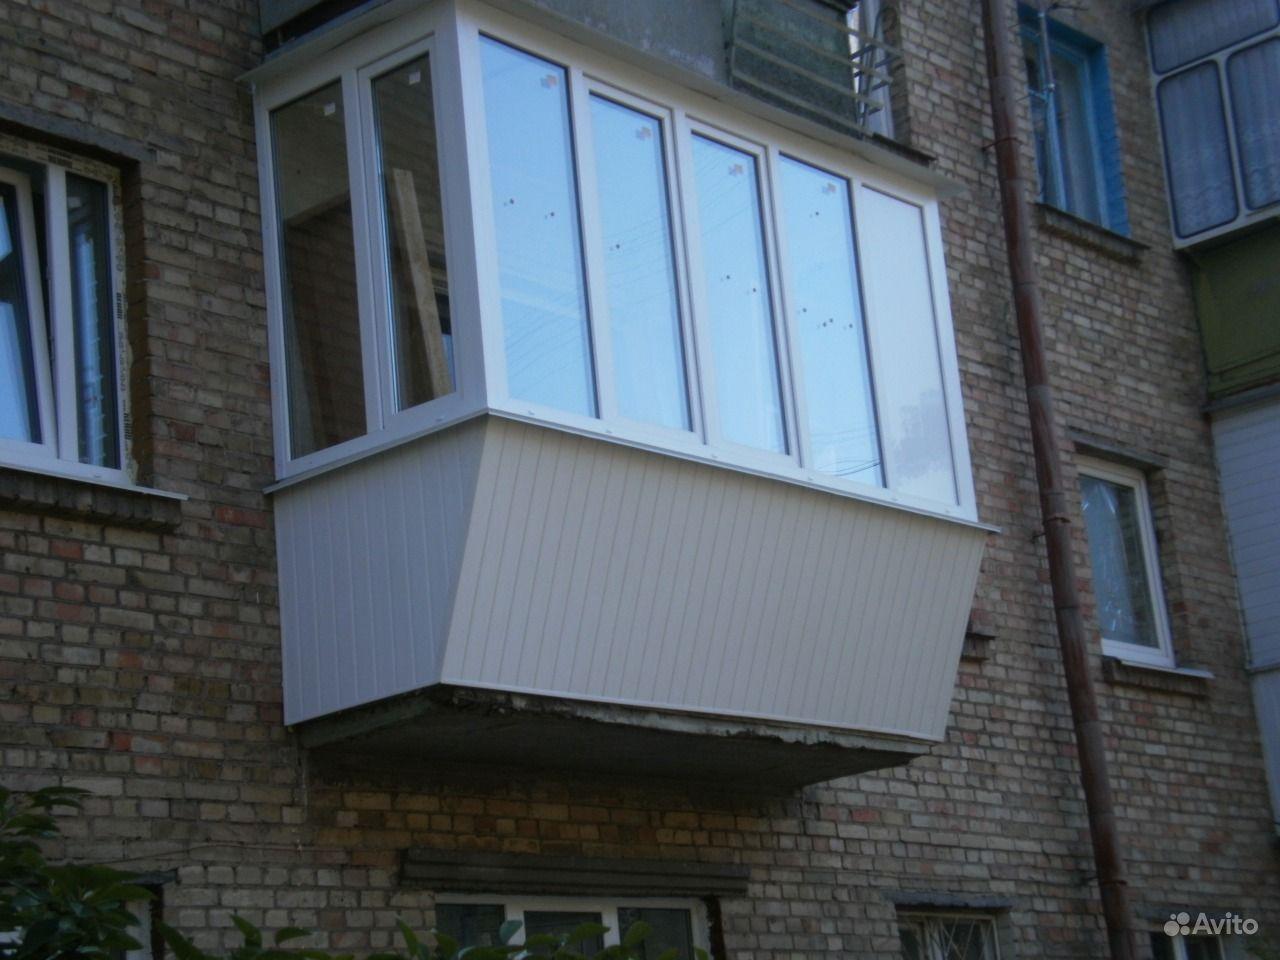 Балкон, лоджия под ключ. качественное остекление, обшивка. в.